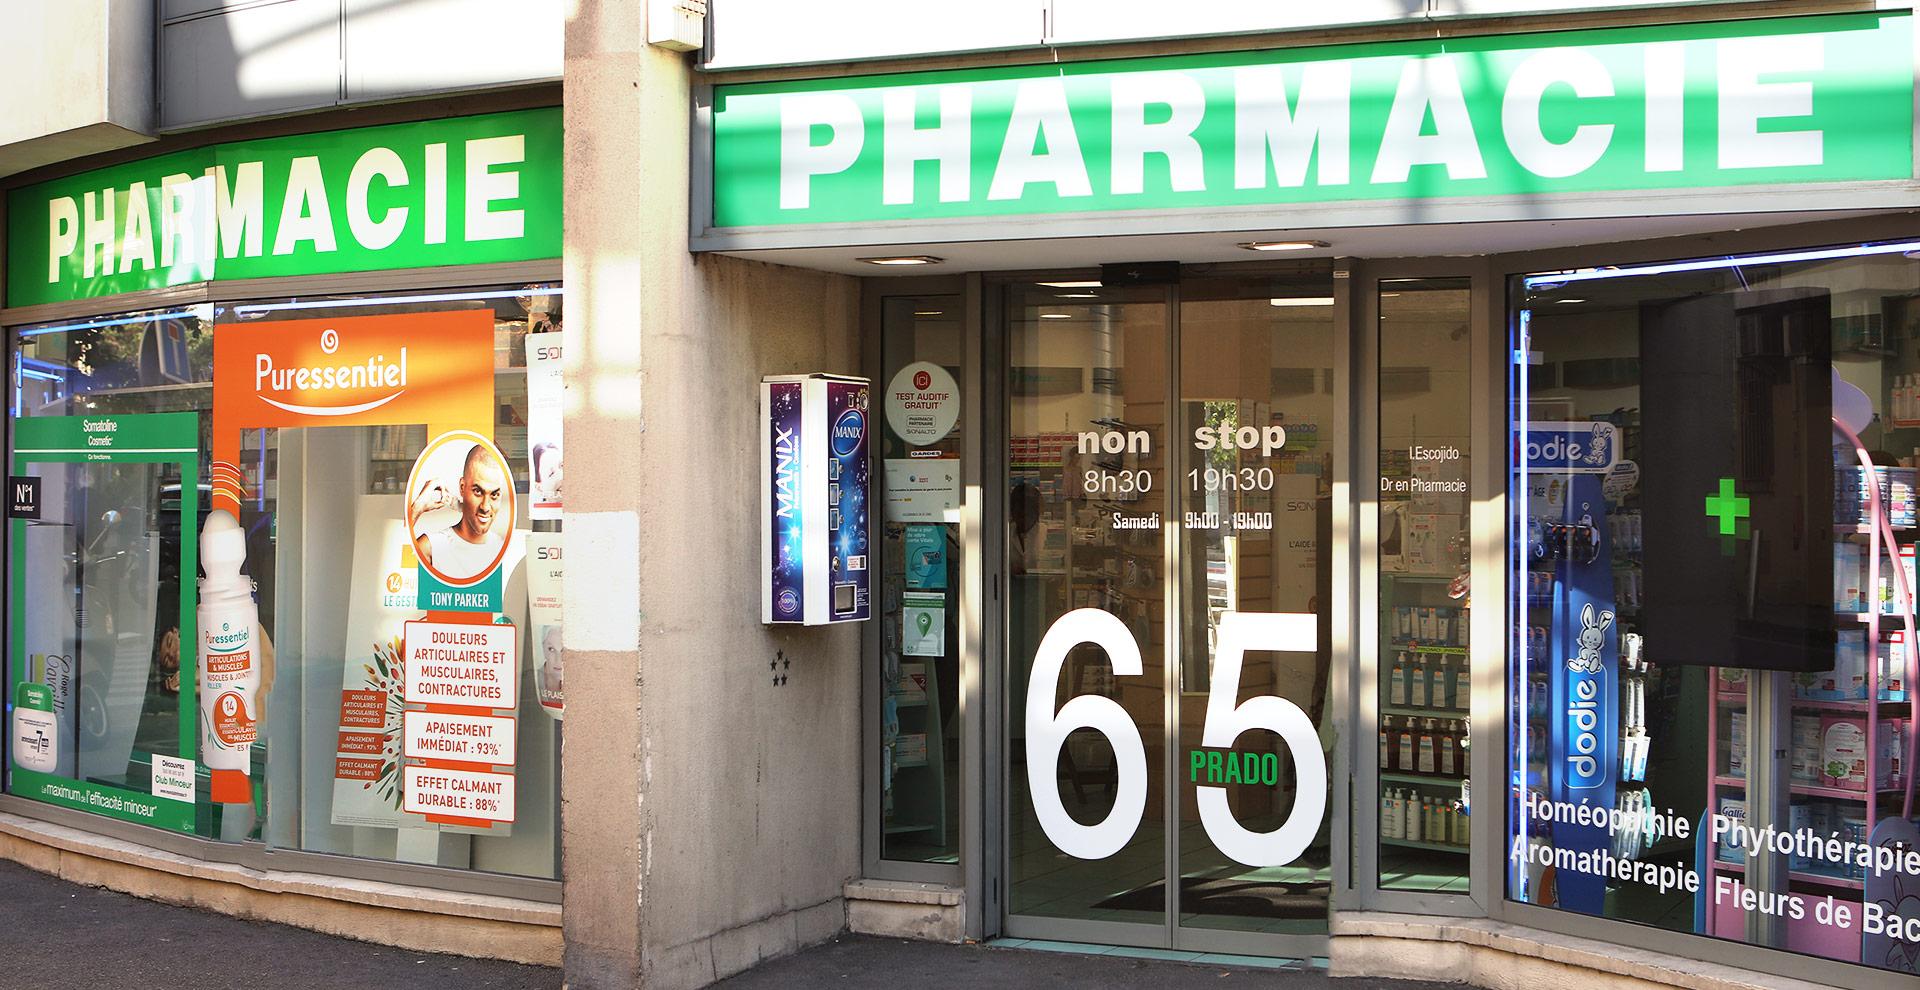 Pharmacie 65 Prado